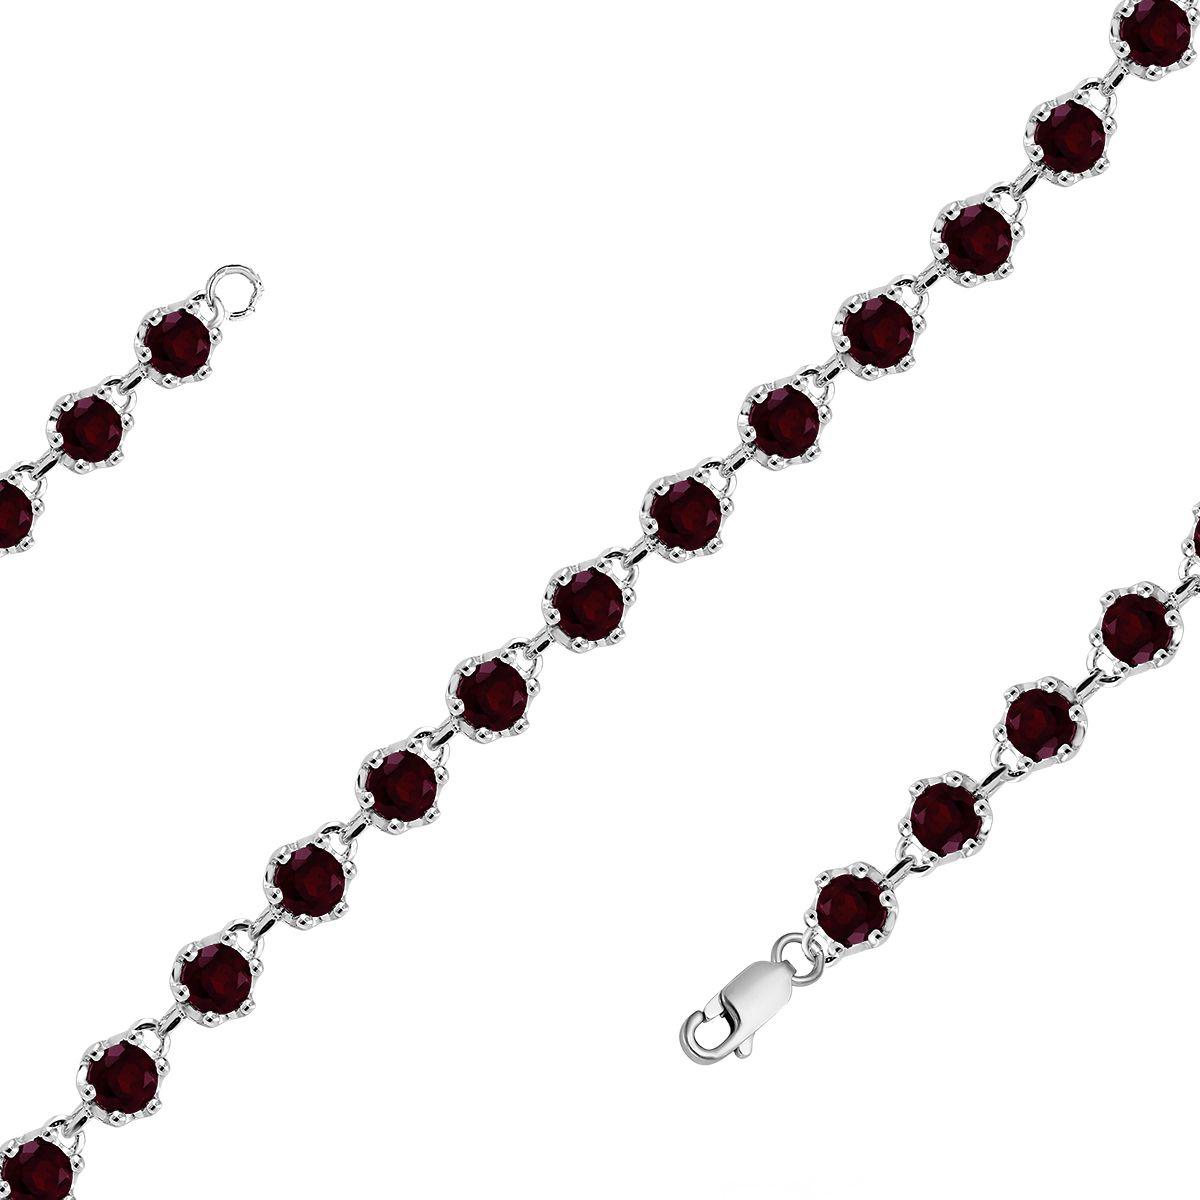 Браслет Серебро России из серебра (7206)